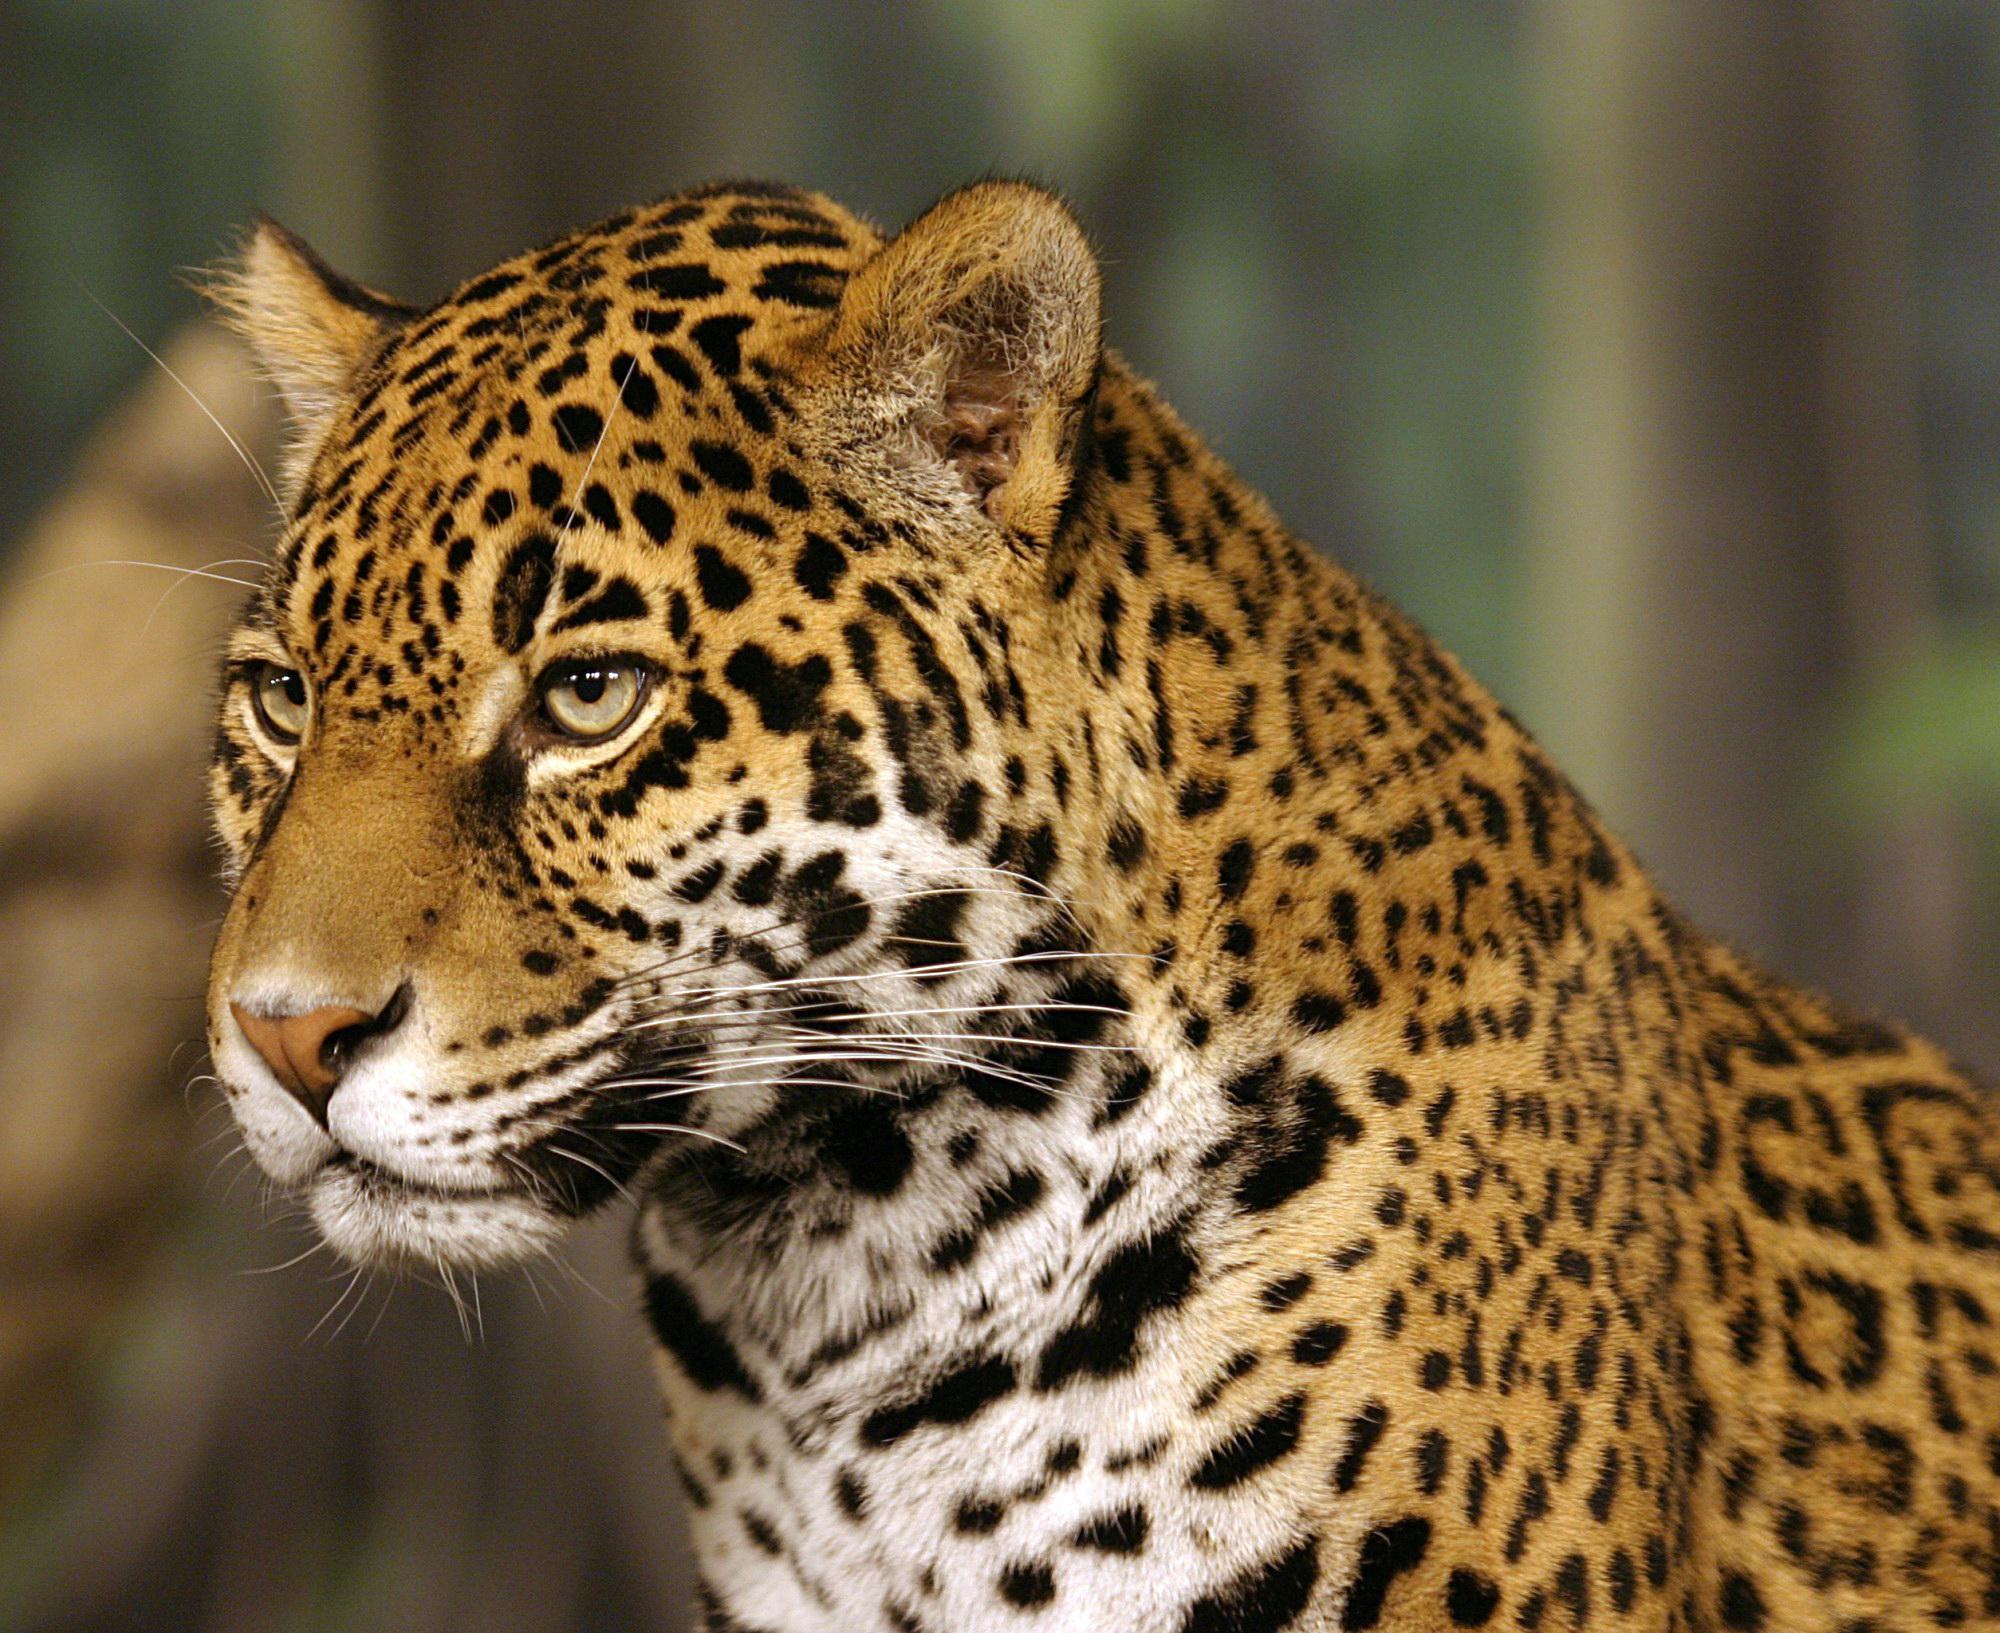 jaguar wallpaper hd